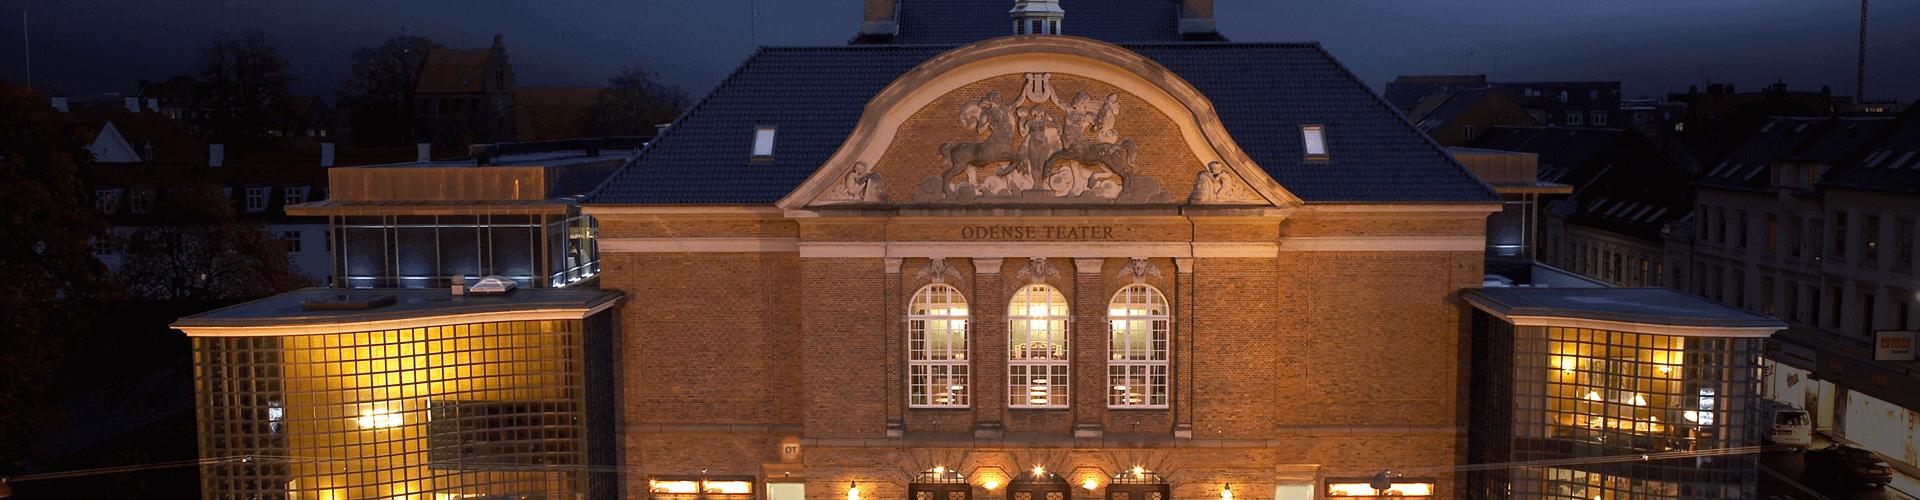 Odense Teater Billede